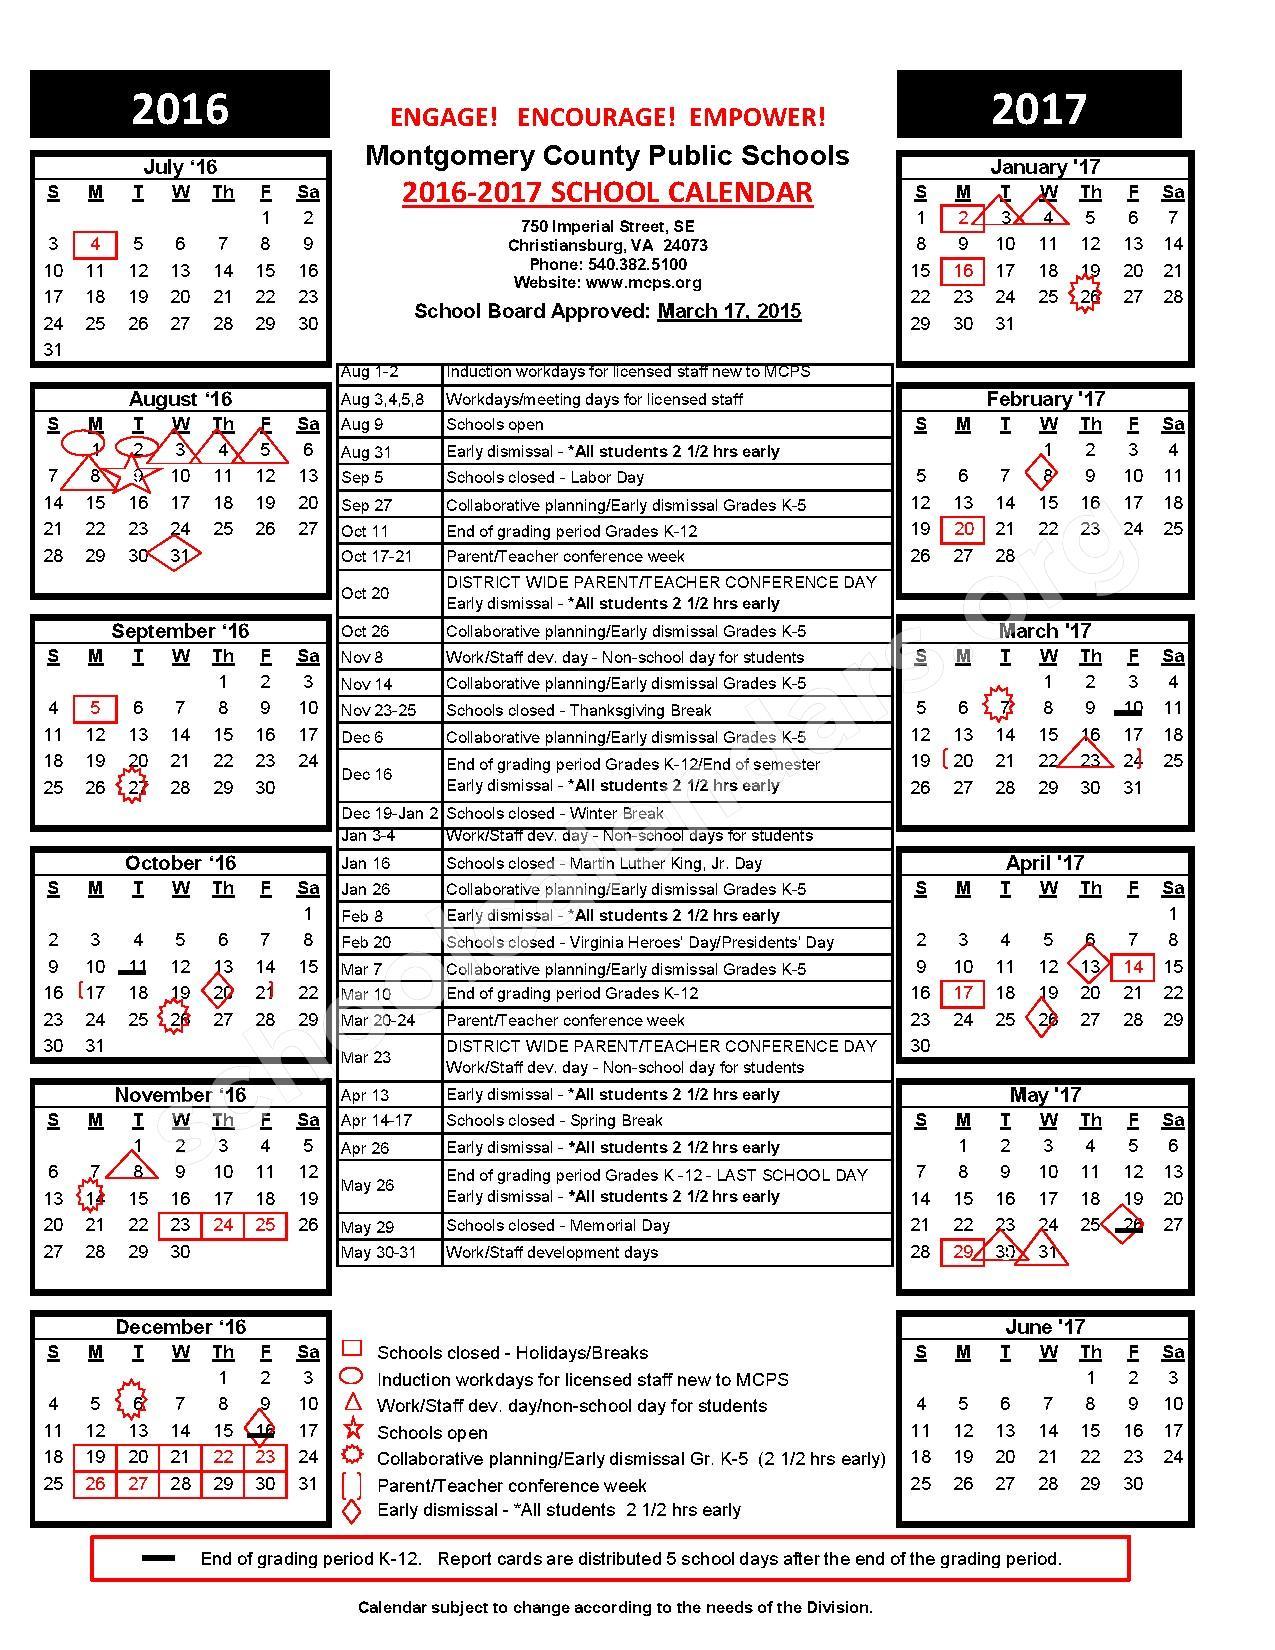 2016 - 2017 School Calendar – Montgomery County Public Schools – page 1